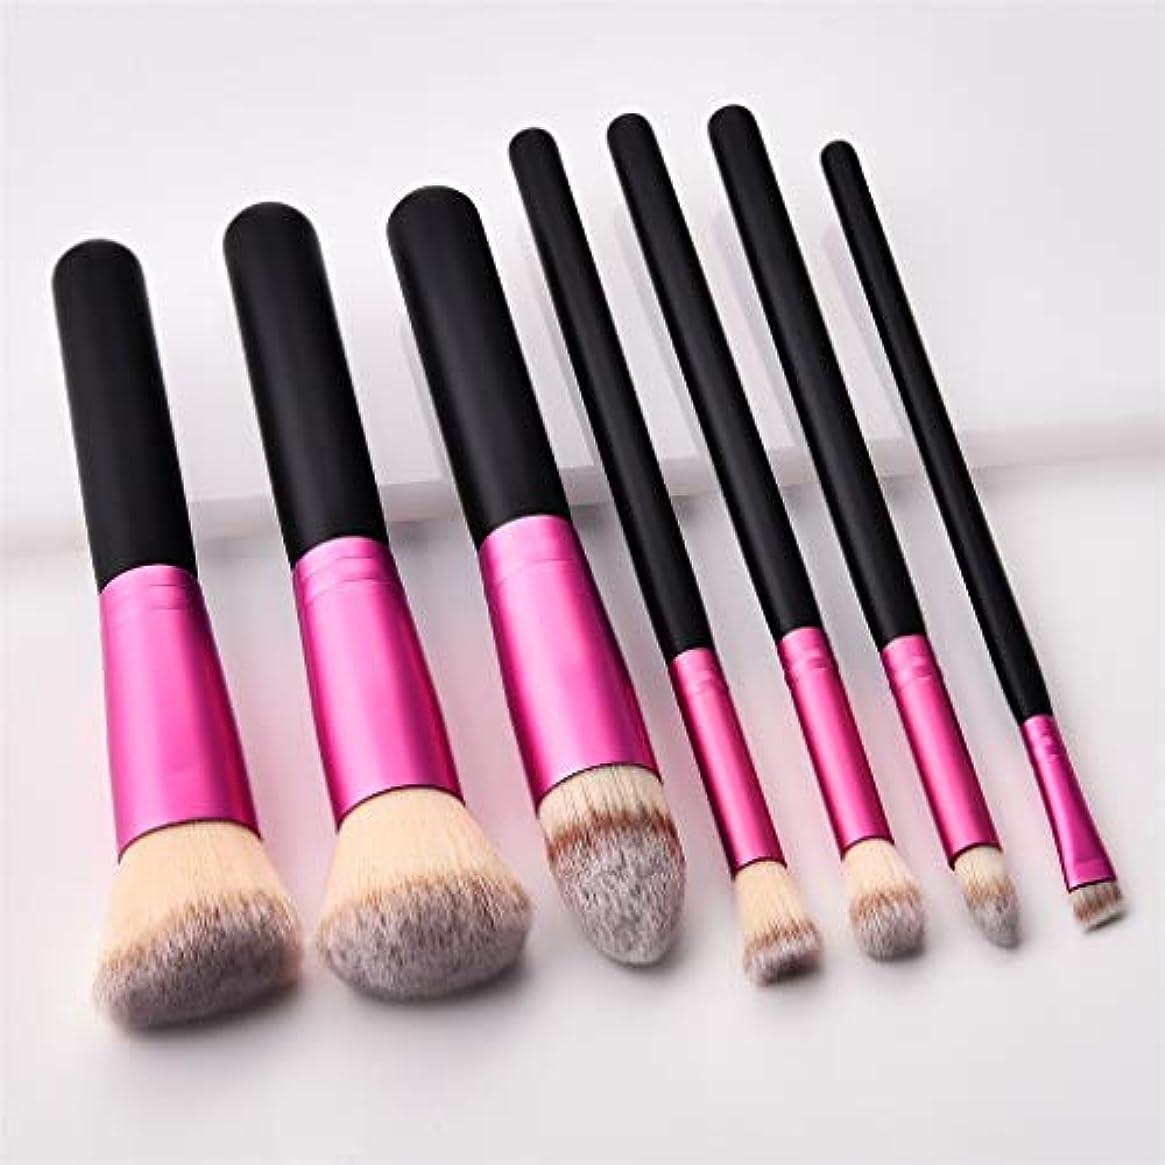 怠惰風が強いペパーミントAkane 7本 GUJHUI 上等 優雅 ピンク 綺麗 美感 便利 高級 魅力的 柔らかい たっぷり 多機能 おしゃれ 激安 日常 仕事 Makeup Brush メイクアップブラシ T-07-060